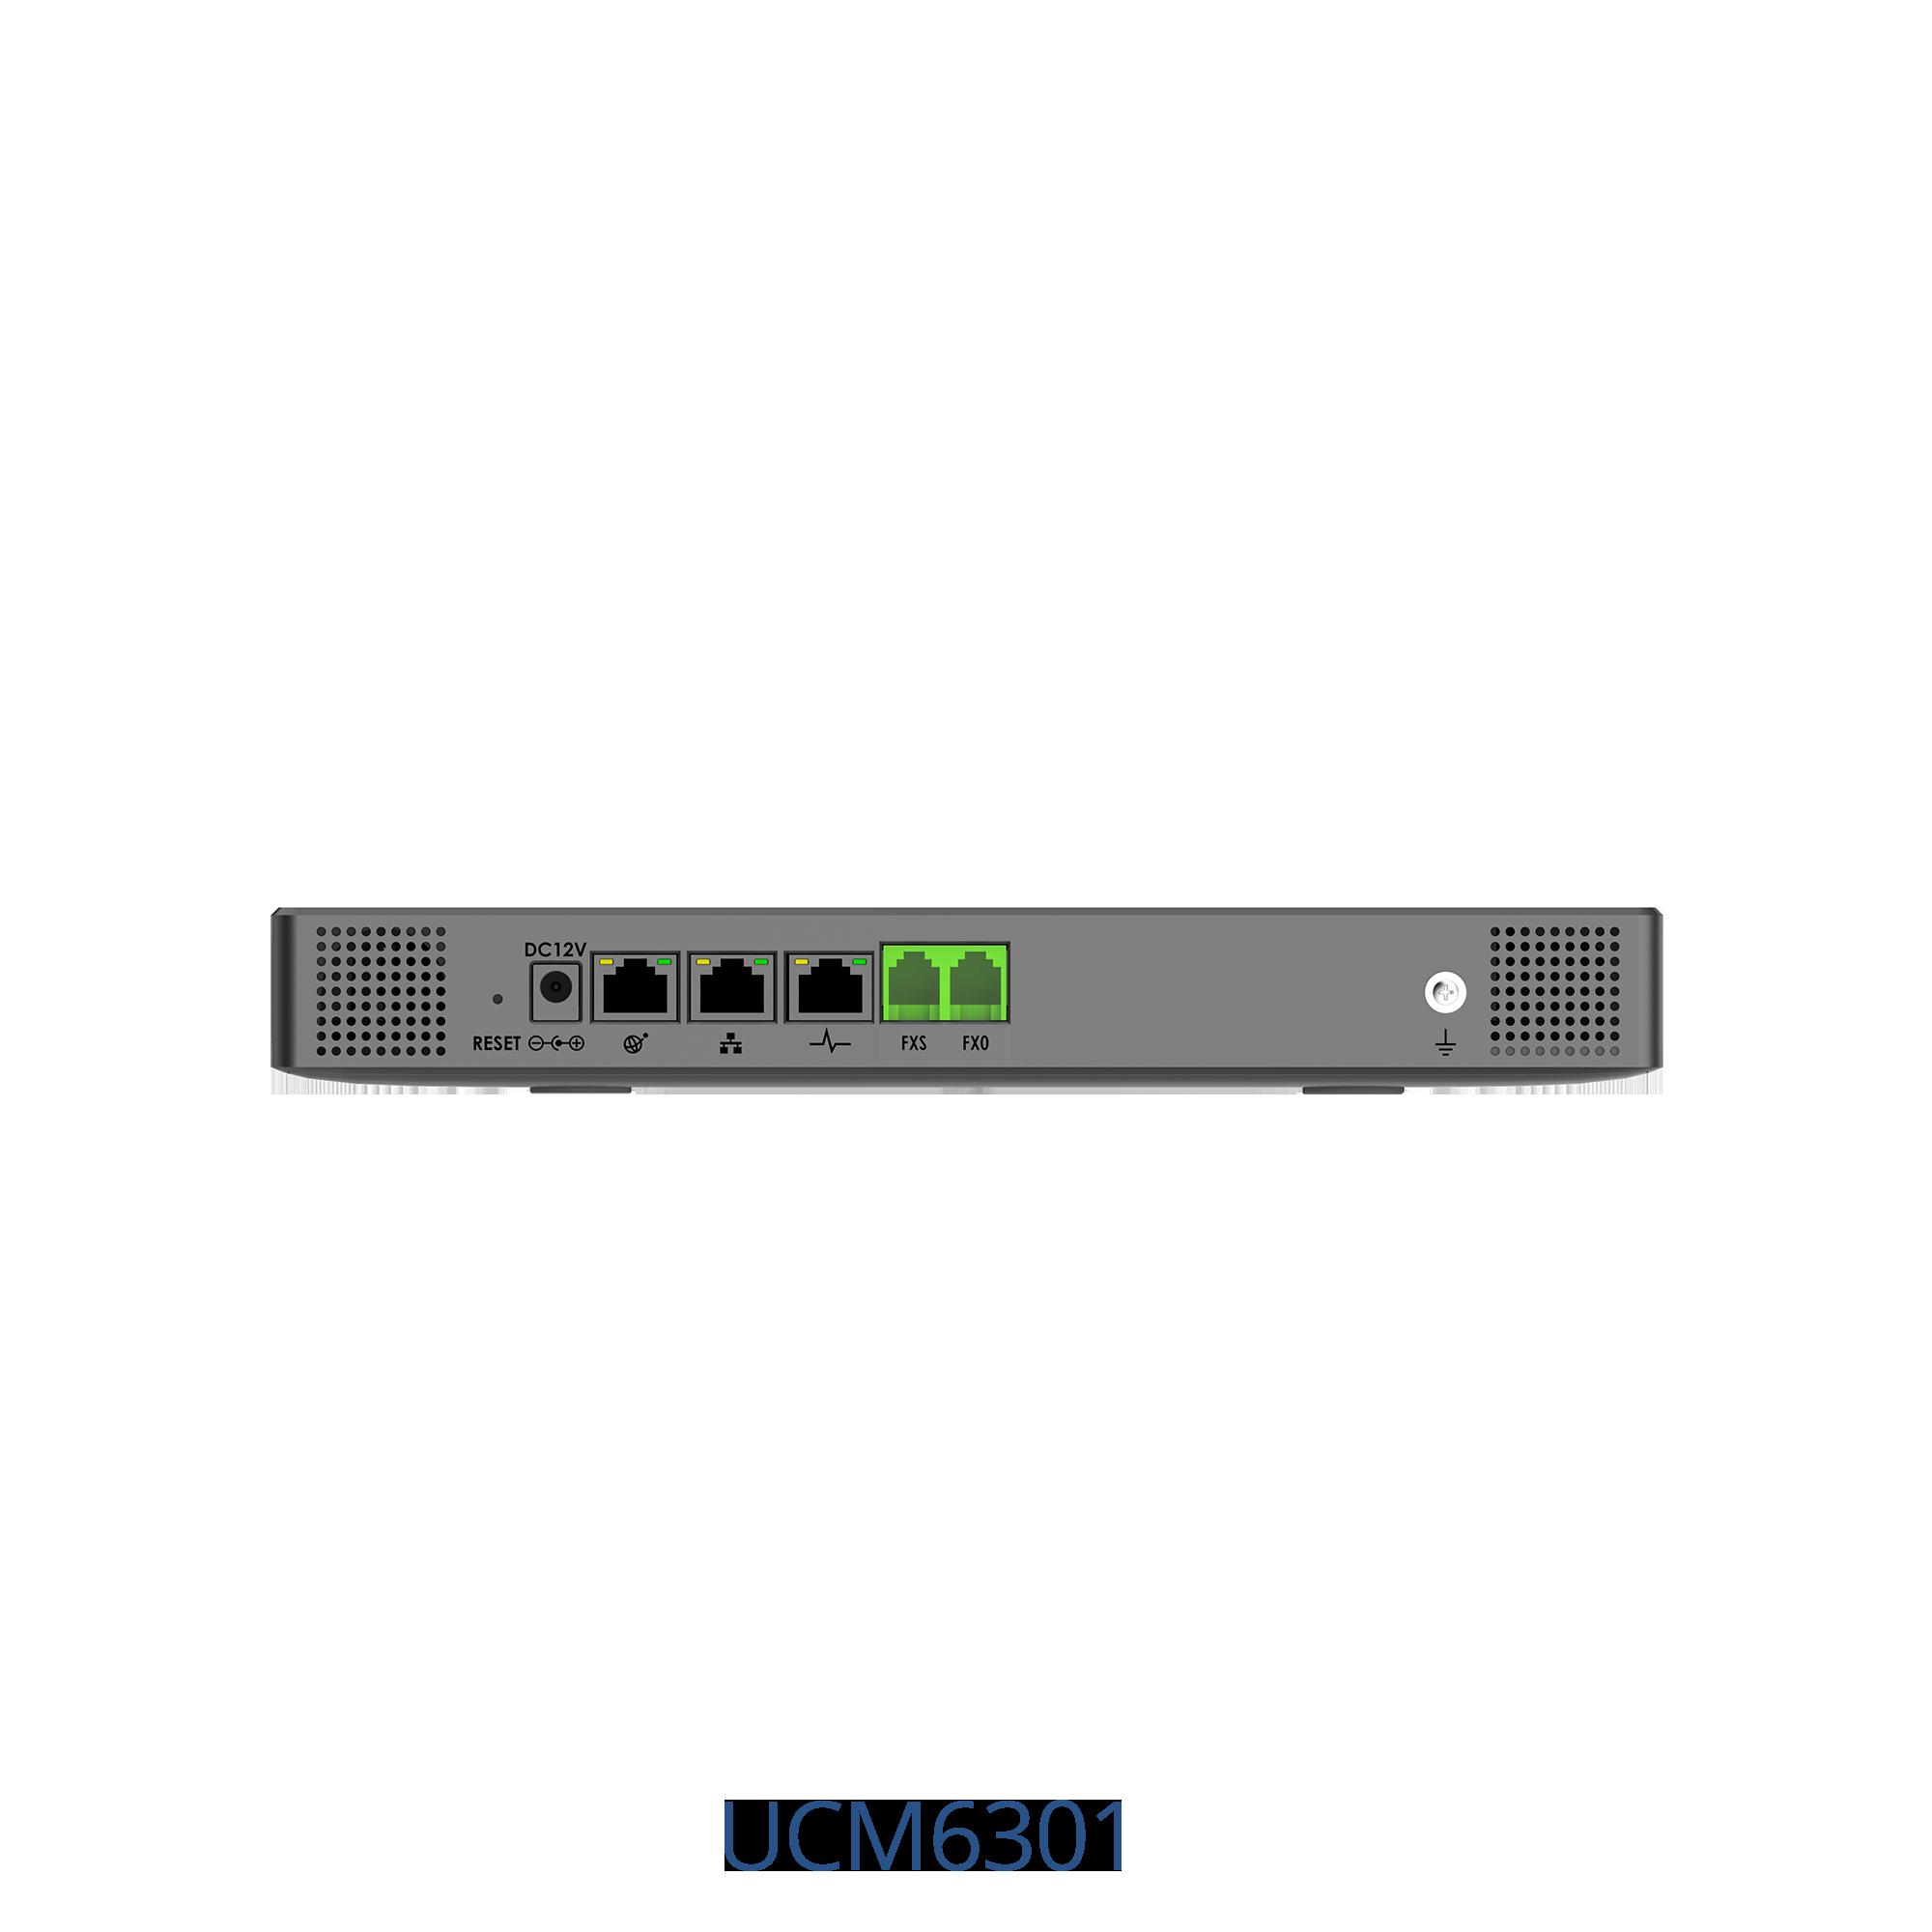 UCM6301_back